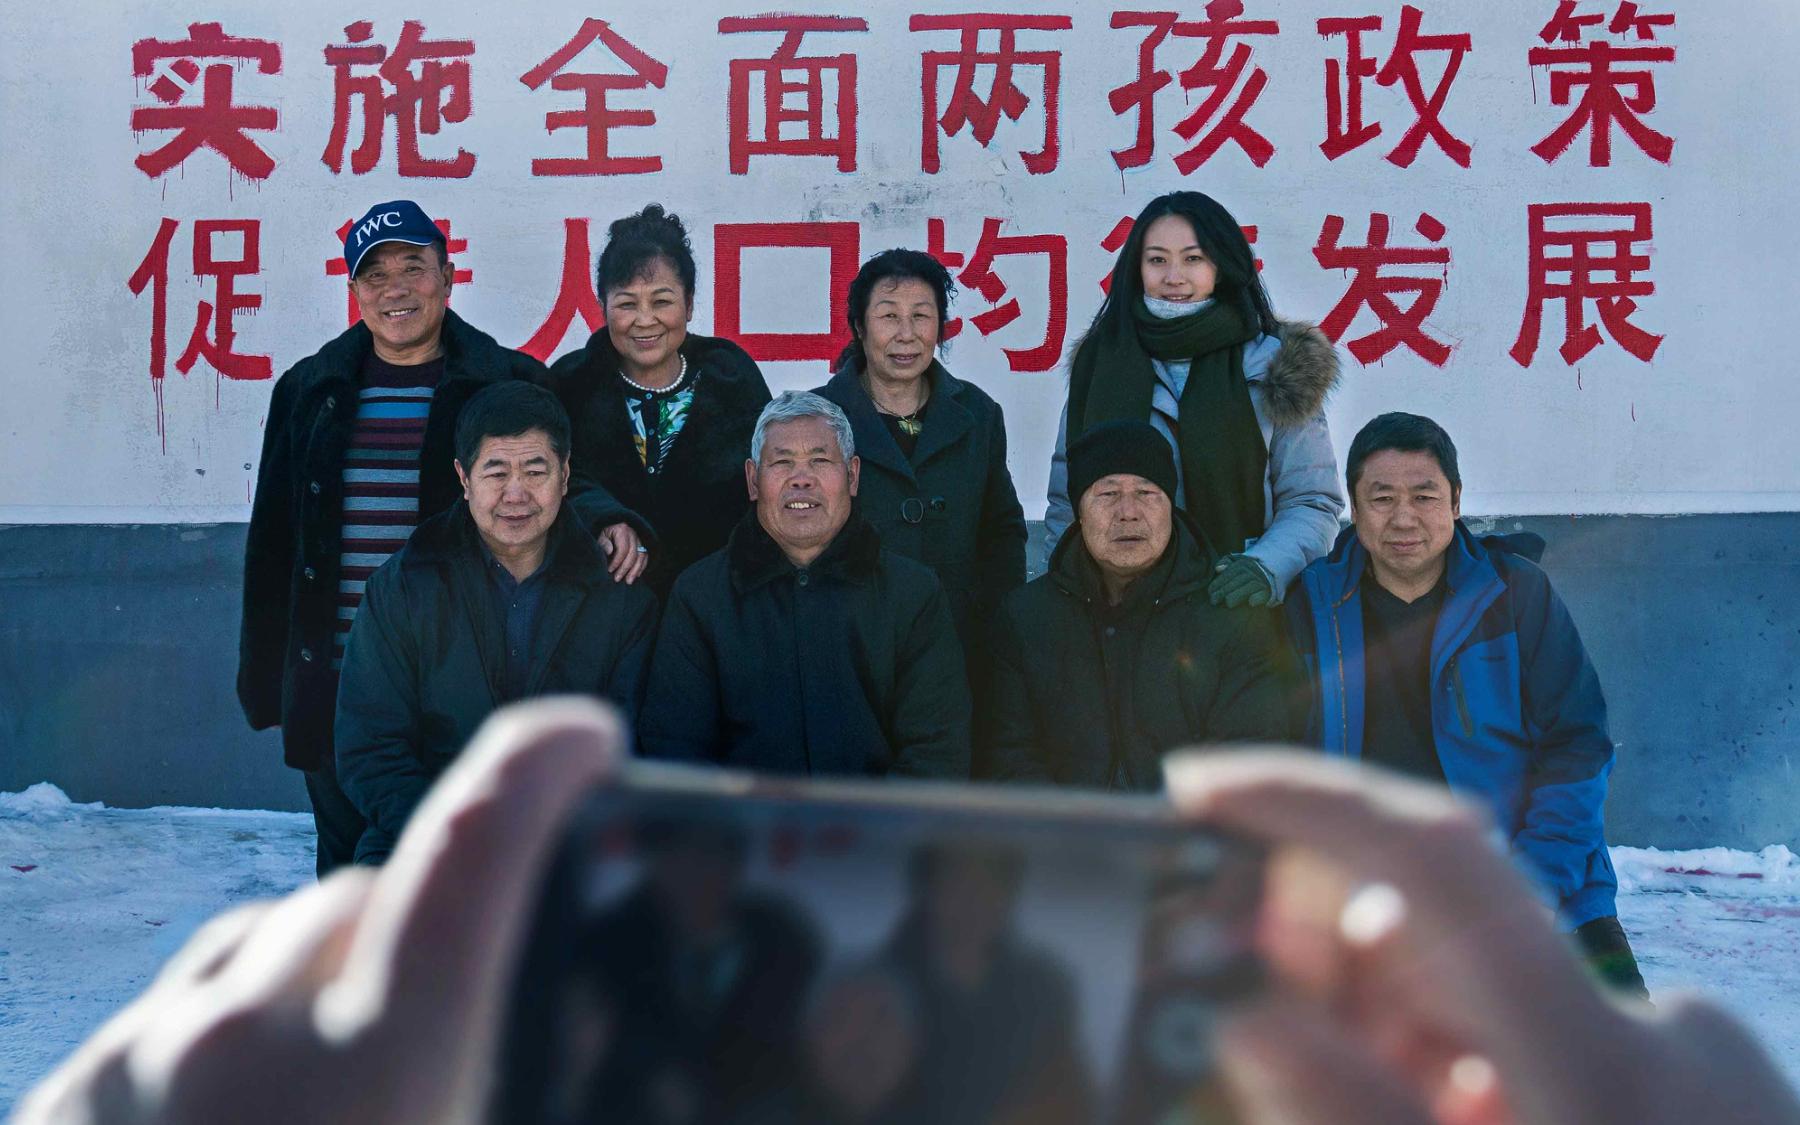 豆瓣8.0分,大鹏拍出2021年最佳华语片,说透了中国人的人情冷暖!